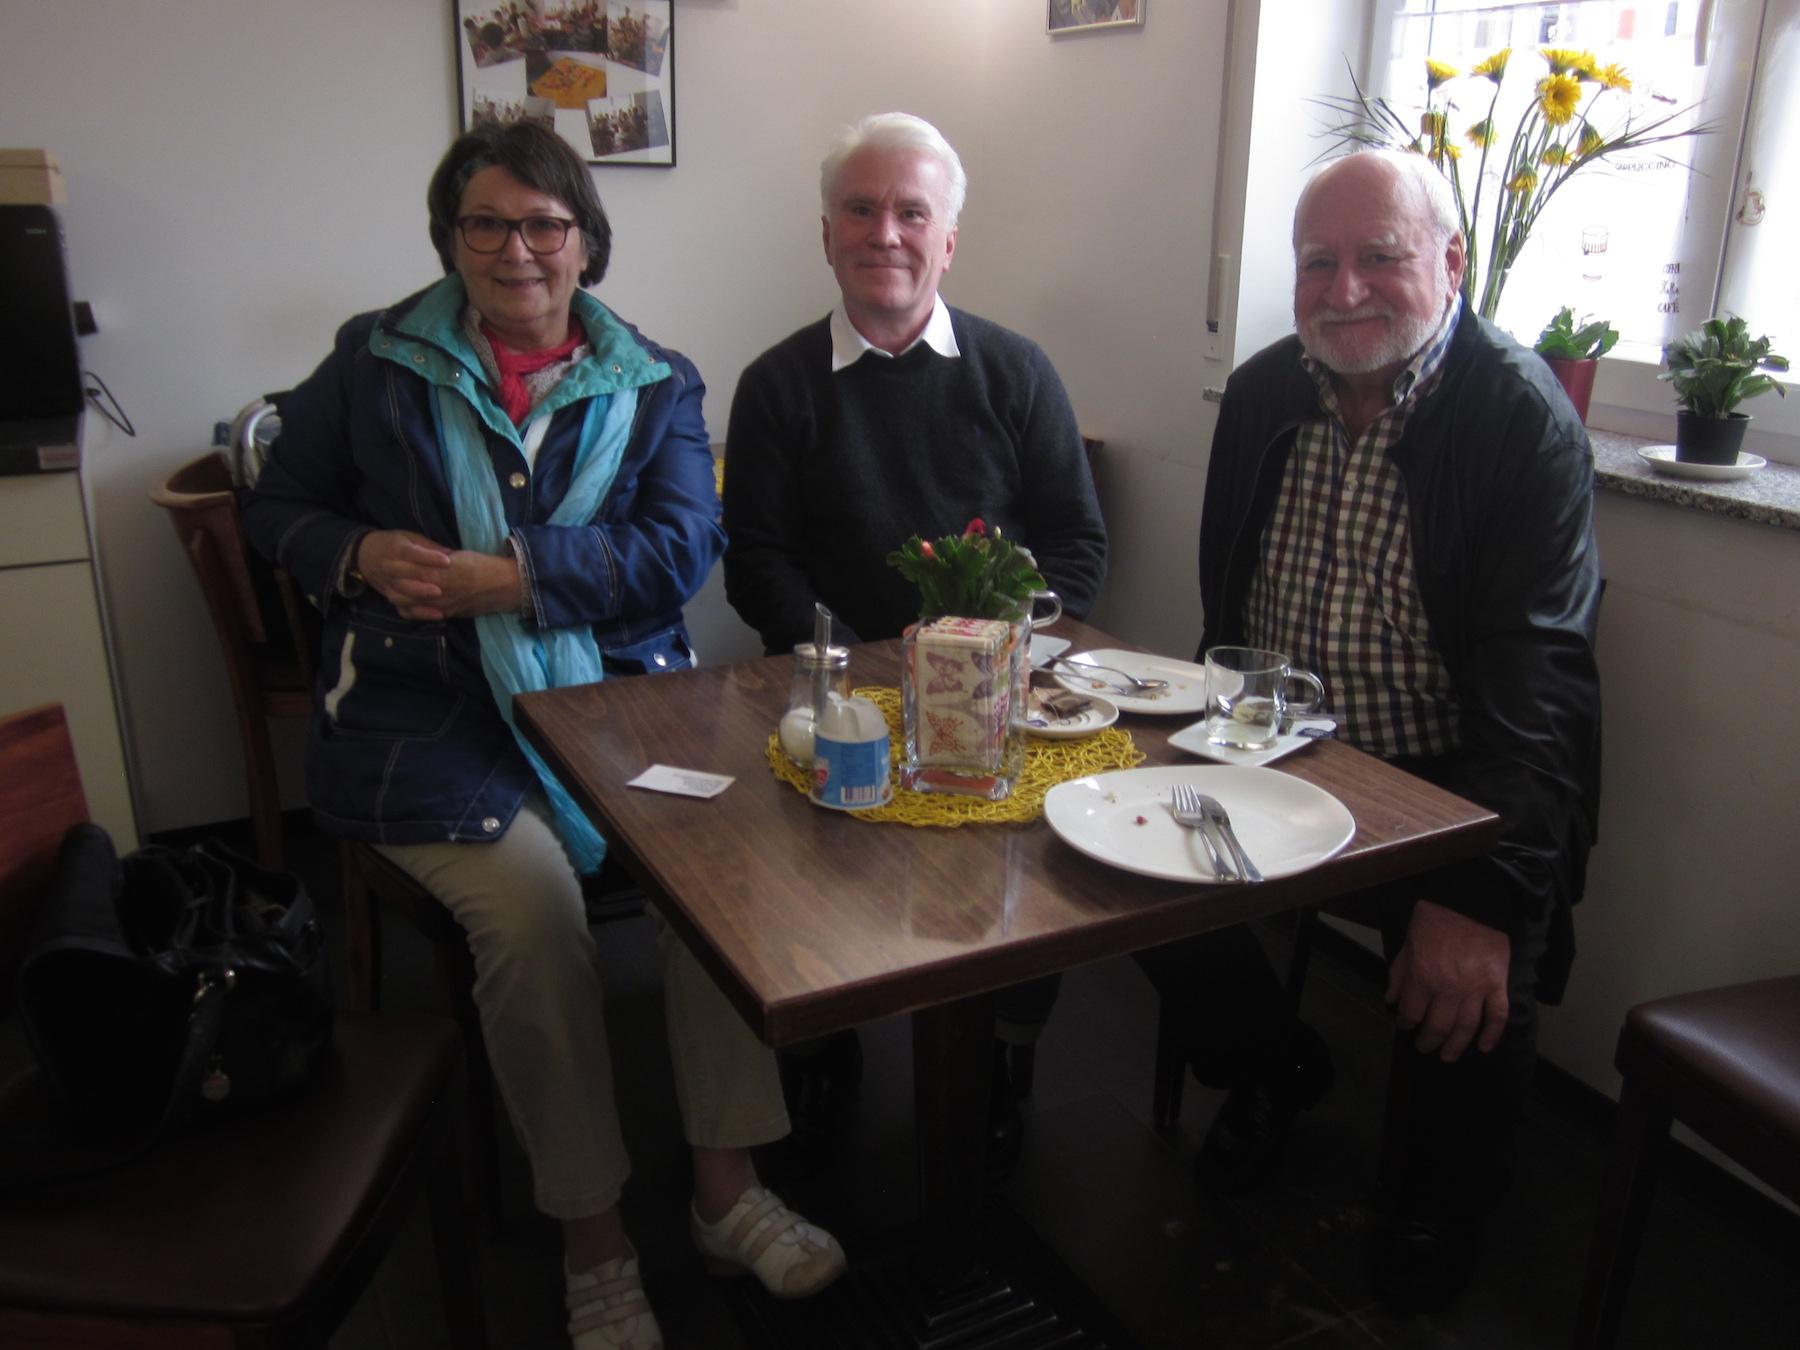 De Hochstädter Neues und Wissenswertes aus Hochstädten Dorfladen Tour